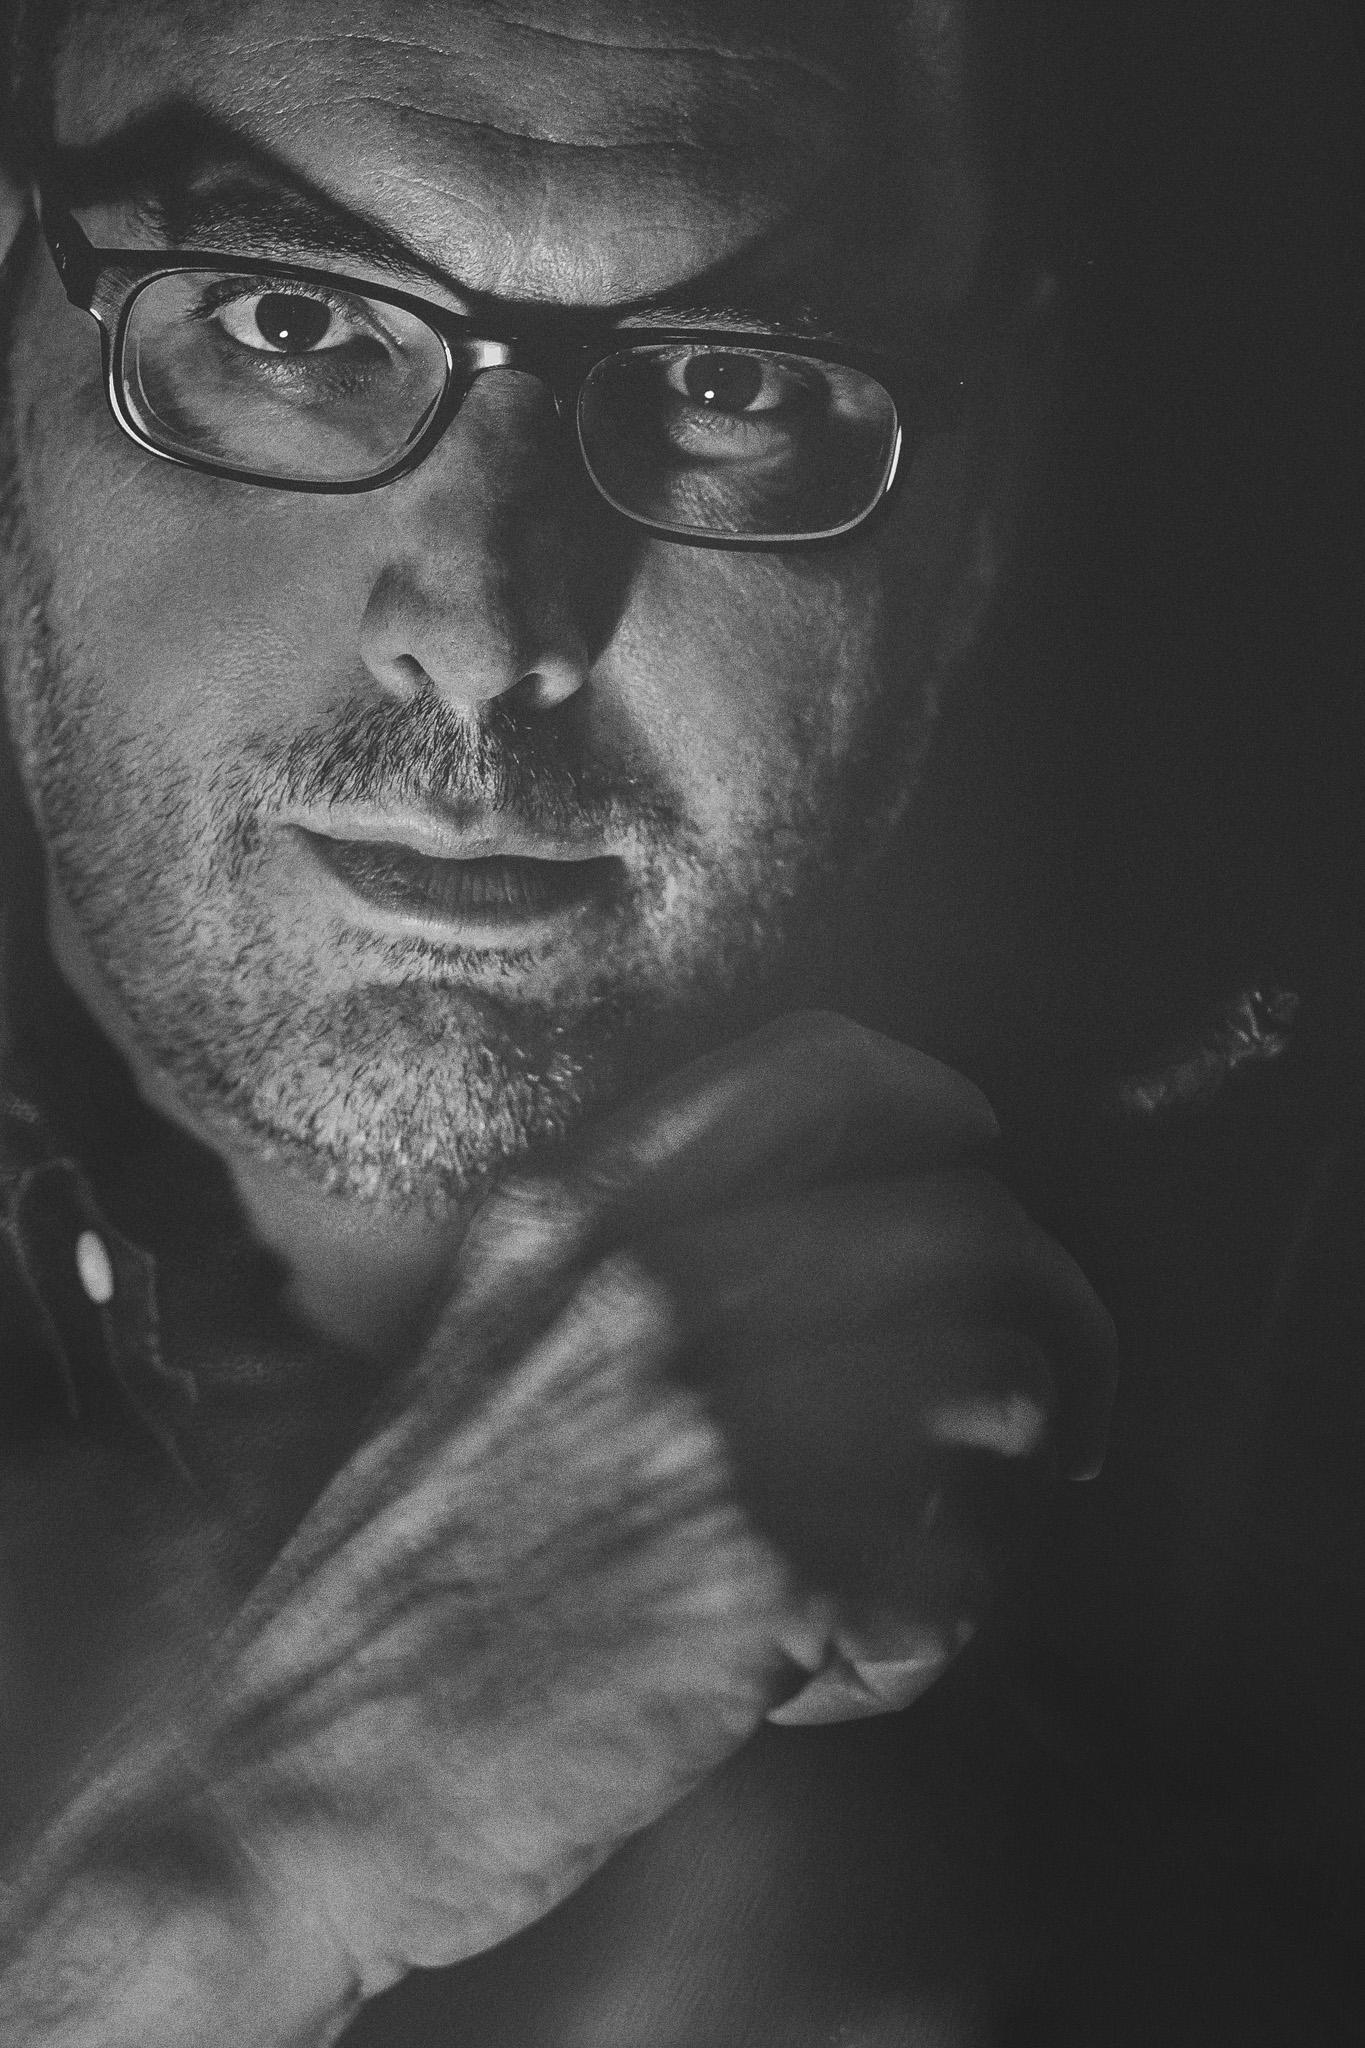 """Ritratto di Riccardo Bruni. """"La stagione del biancospino"""" (Amazon Publishing) è il suo nuovo romanzo  Riccardo Bruni:  www.riccardobruni.com   Canon EOS-1Ds Mark III - EF 85mm f/1.8 USM"""